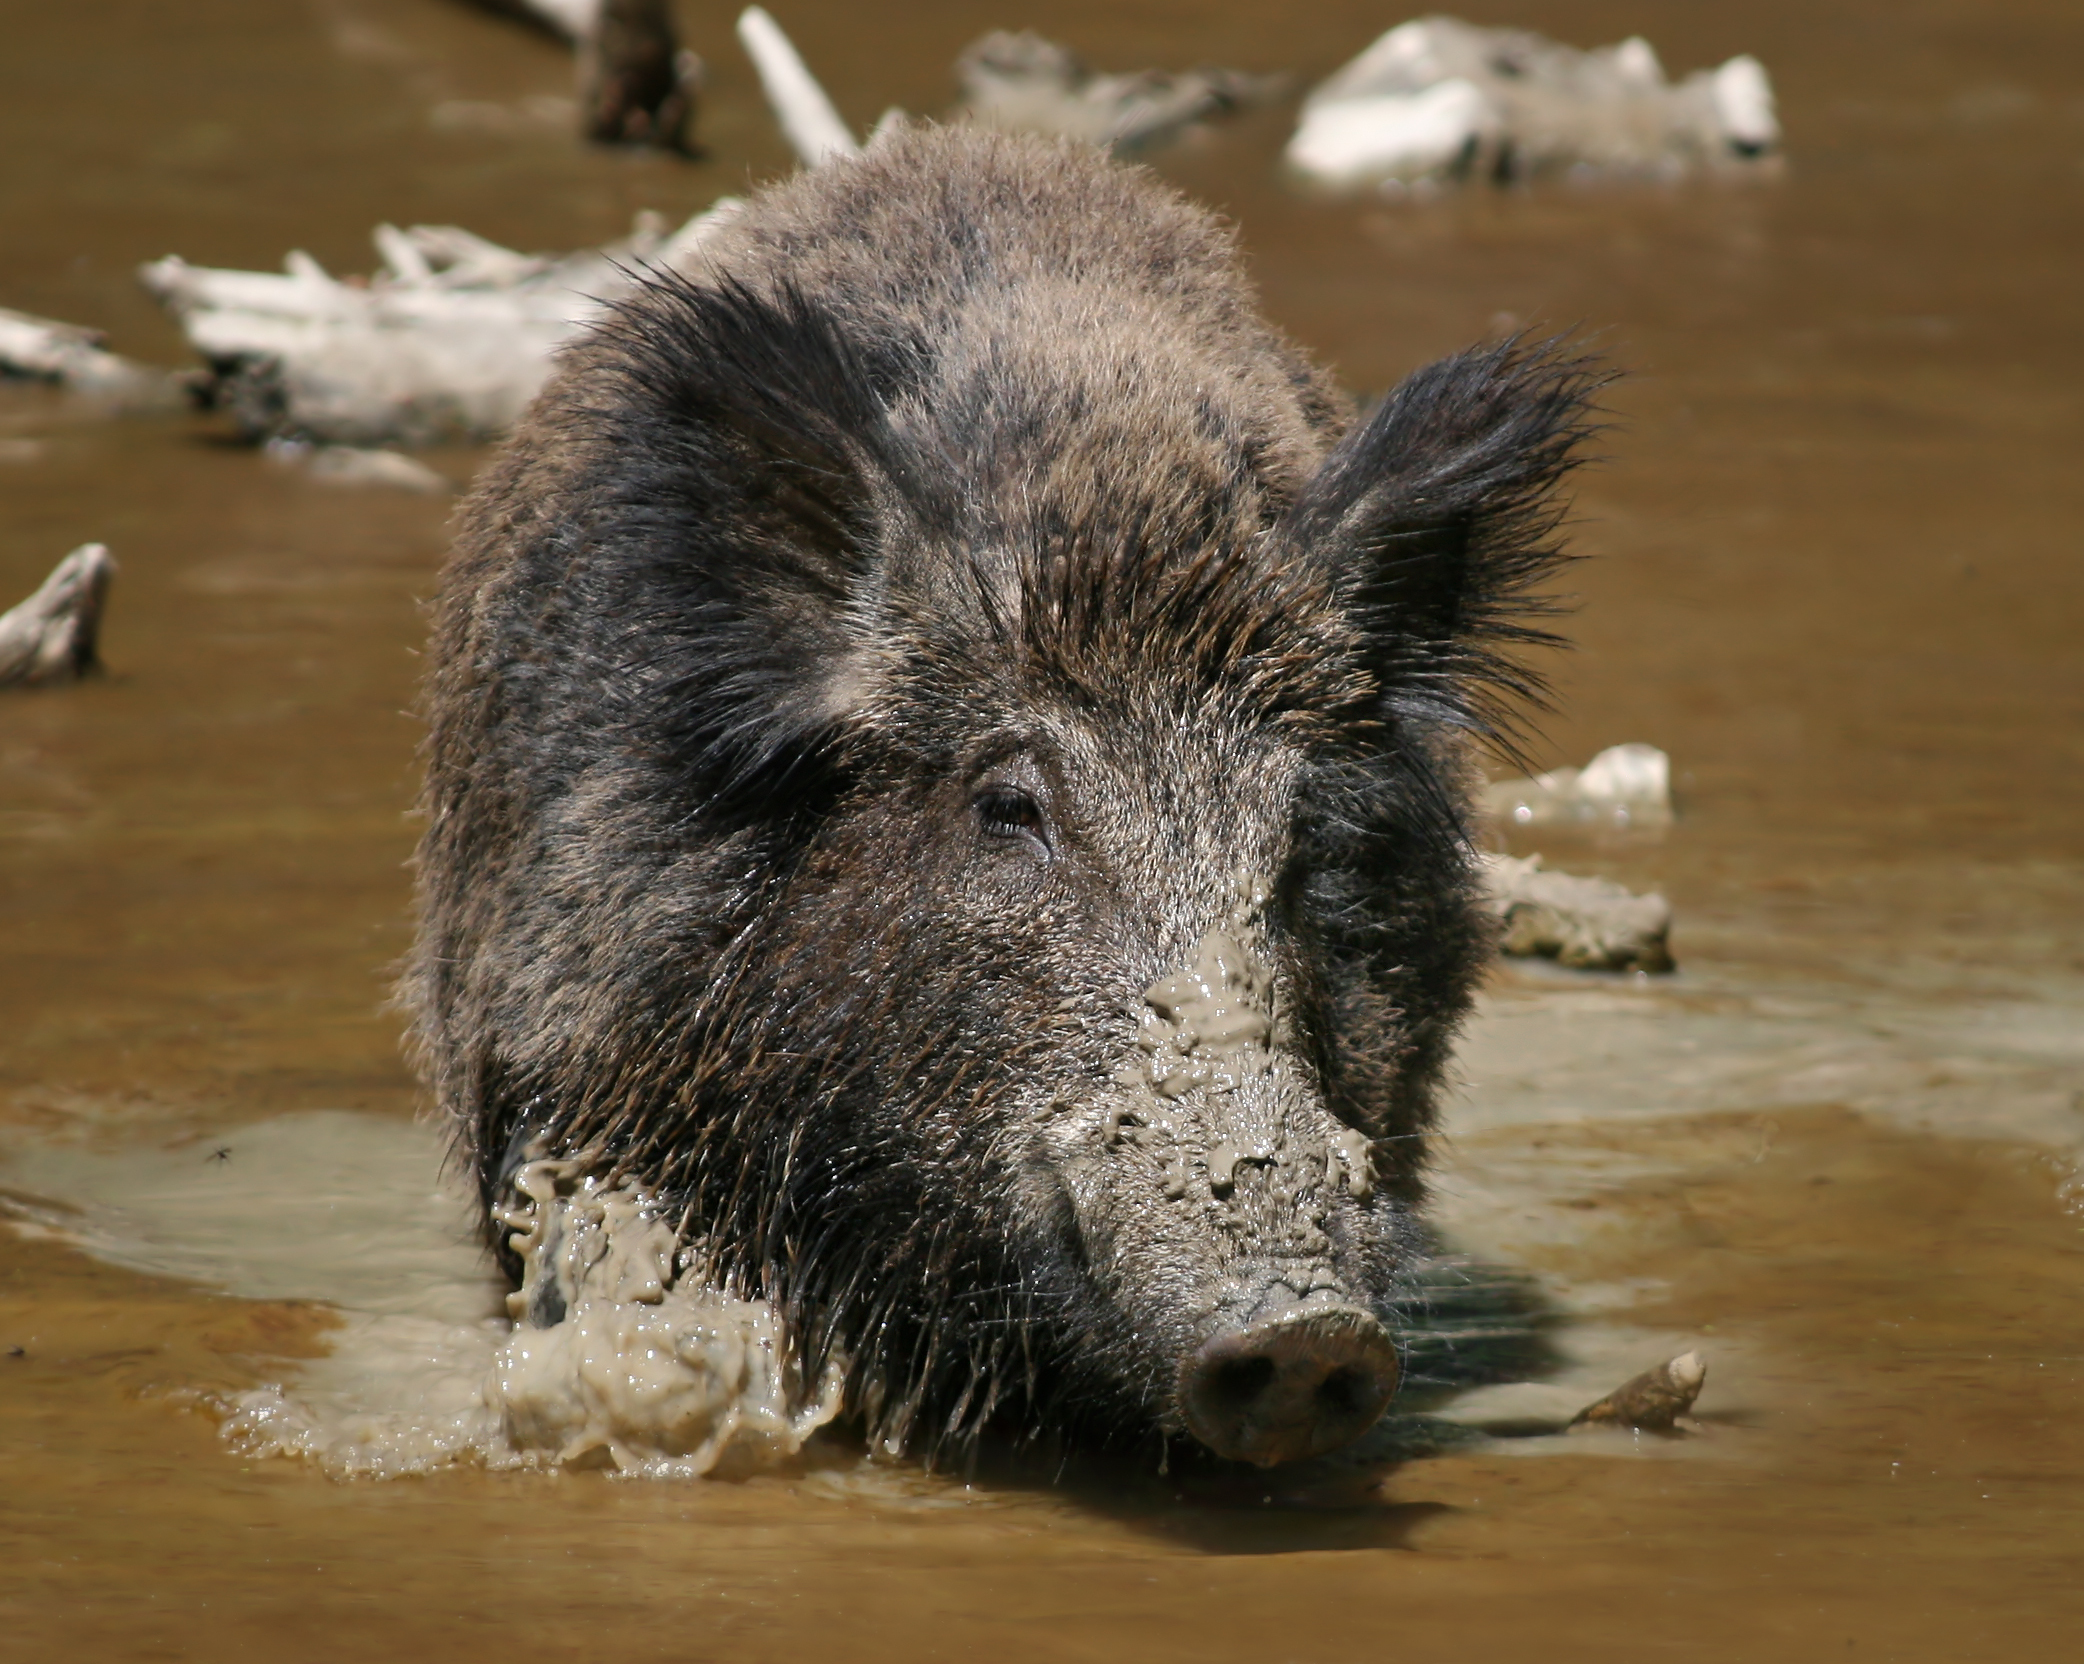 Кабан или дикая свинья - широко распространенный вид.  Они населяют всю Европу, а в Азии